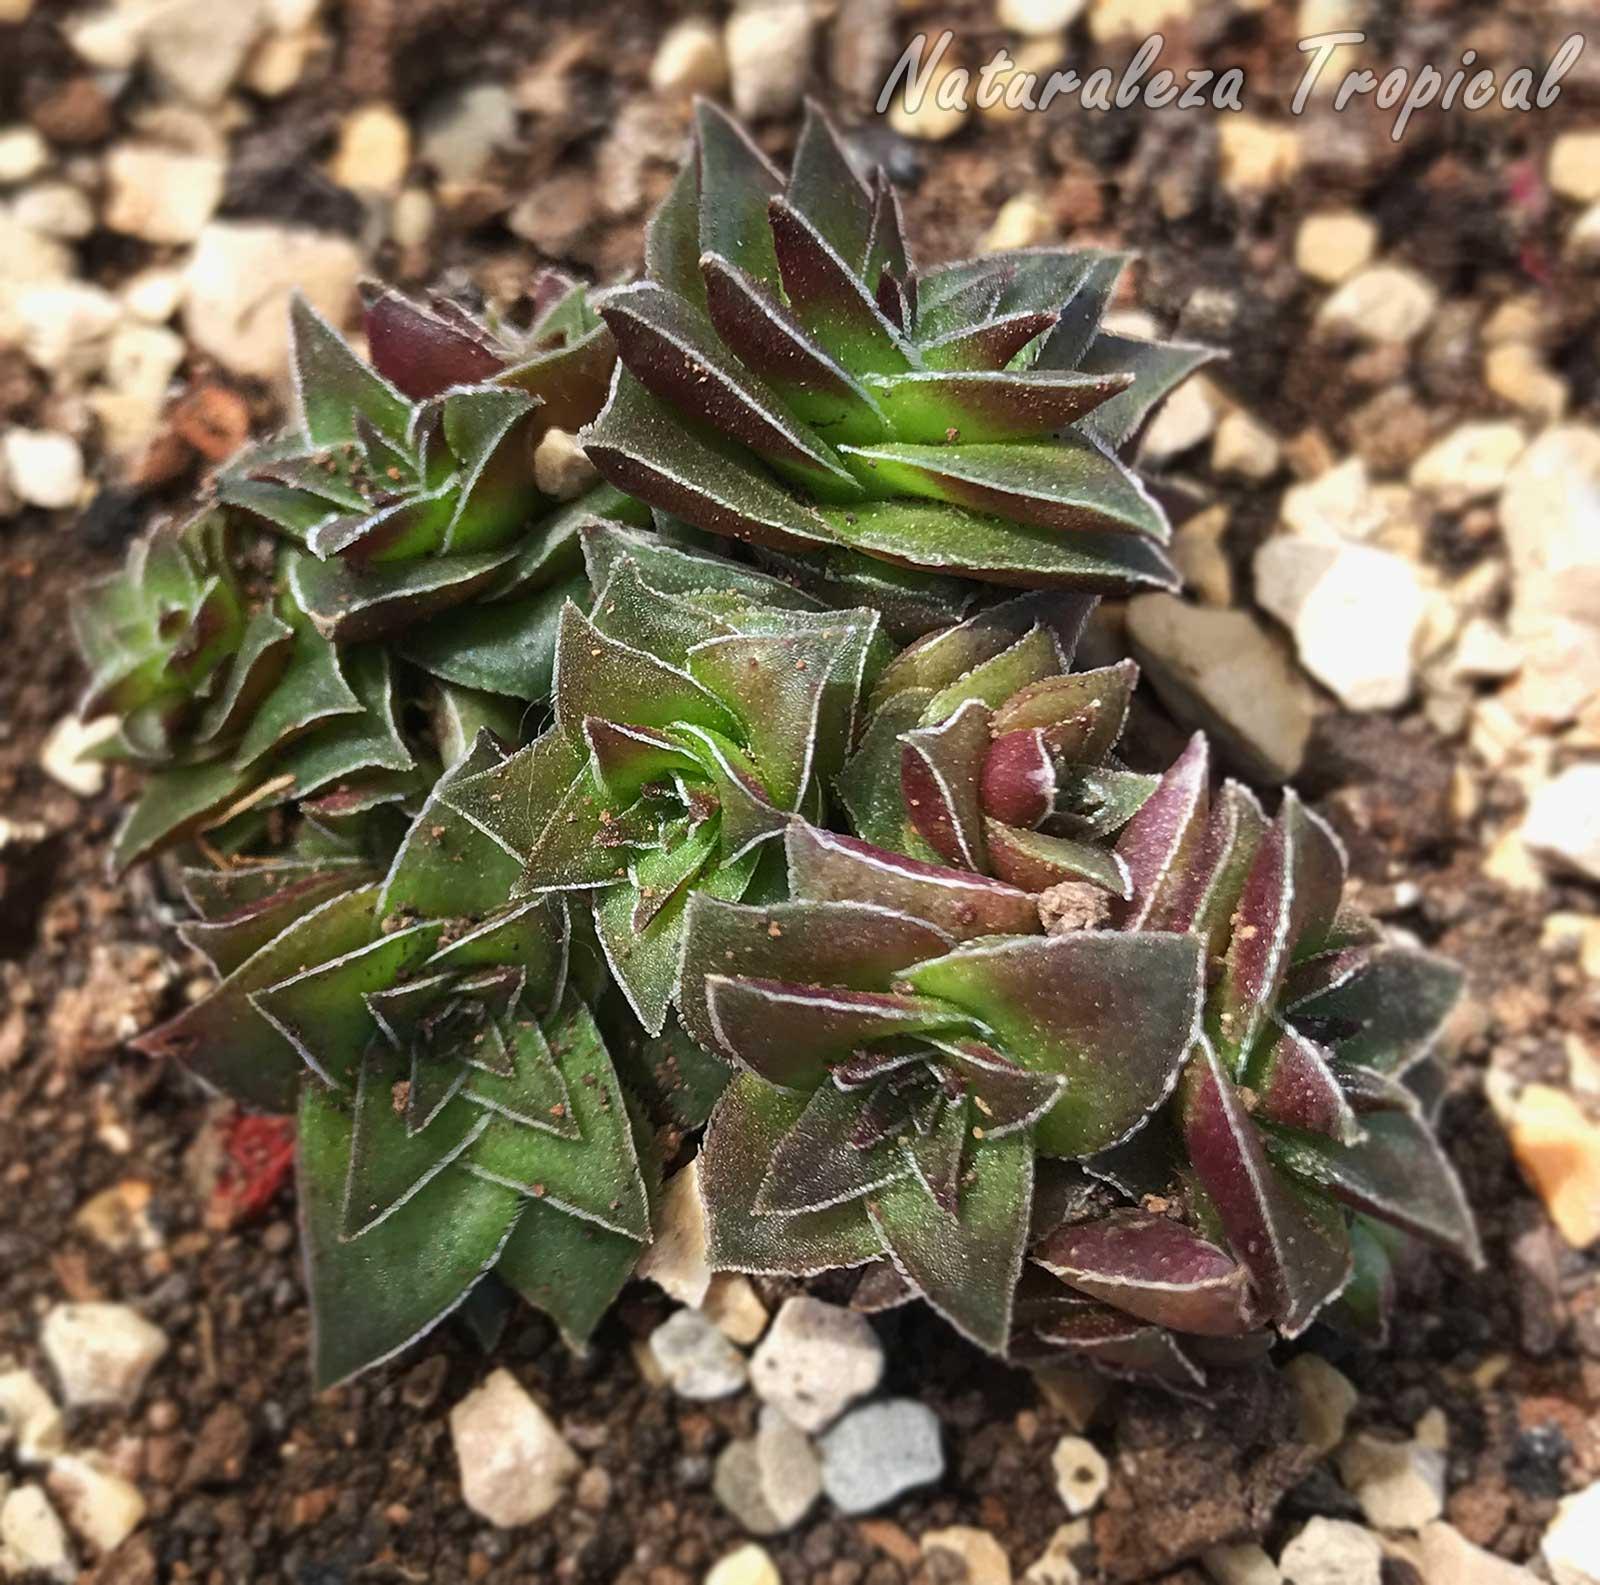 Vista de una de las tantas variedades de la planta suculenta Crassula capitella subsp. thyrsiflora